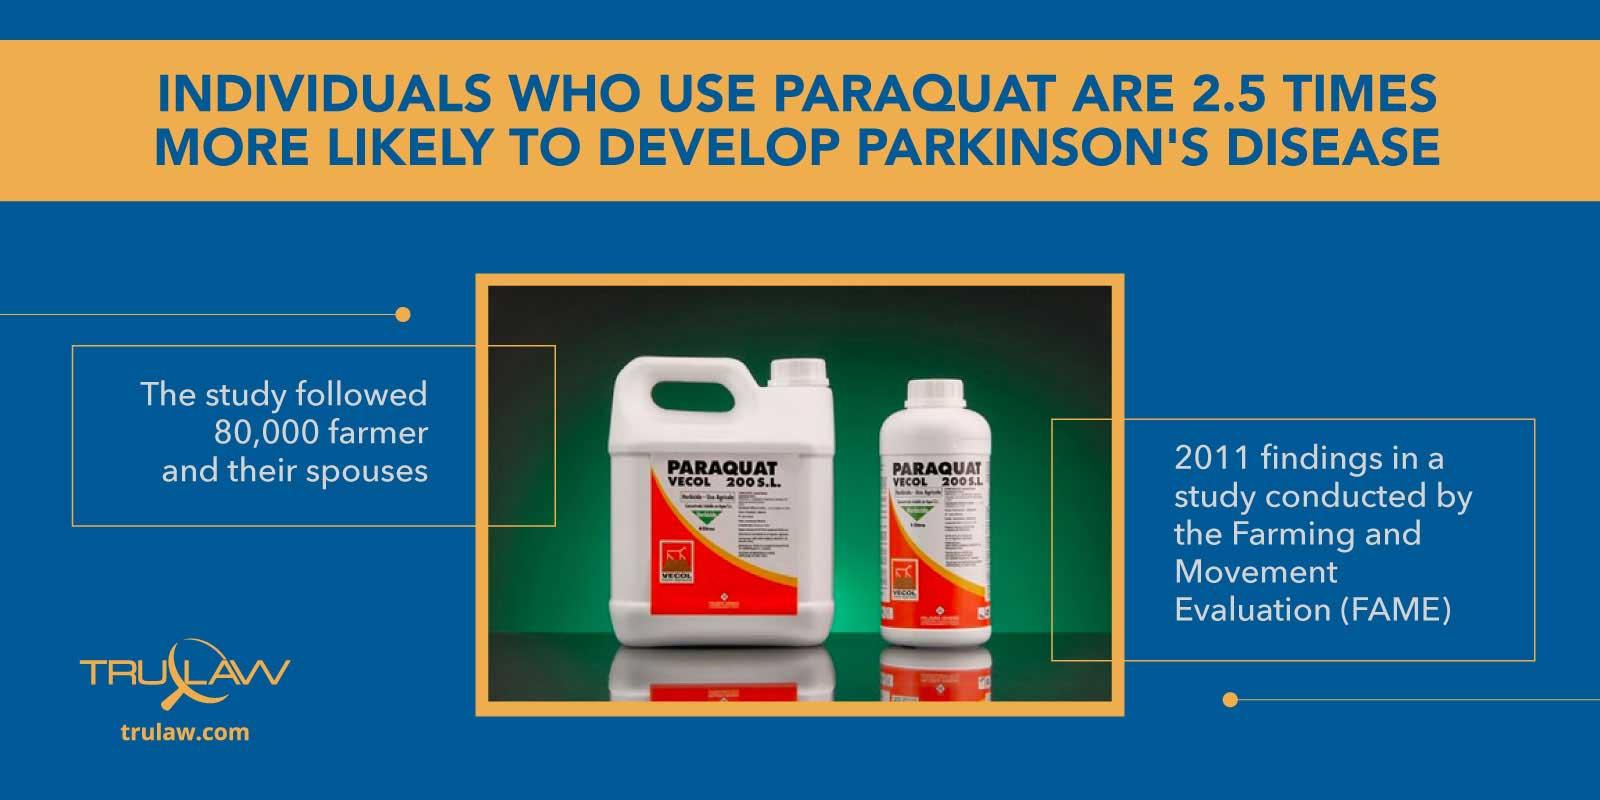 Paraquat Lawsuit - The Pesticide Linked to Parkinson's Disease